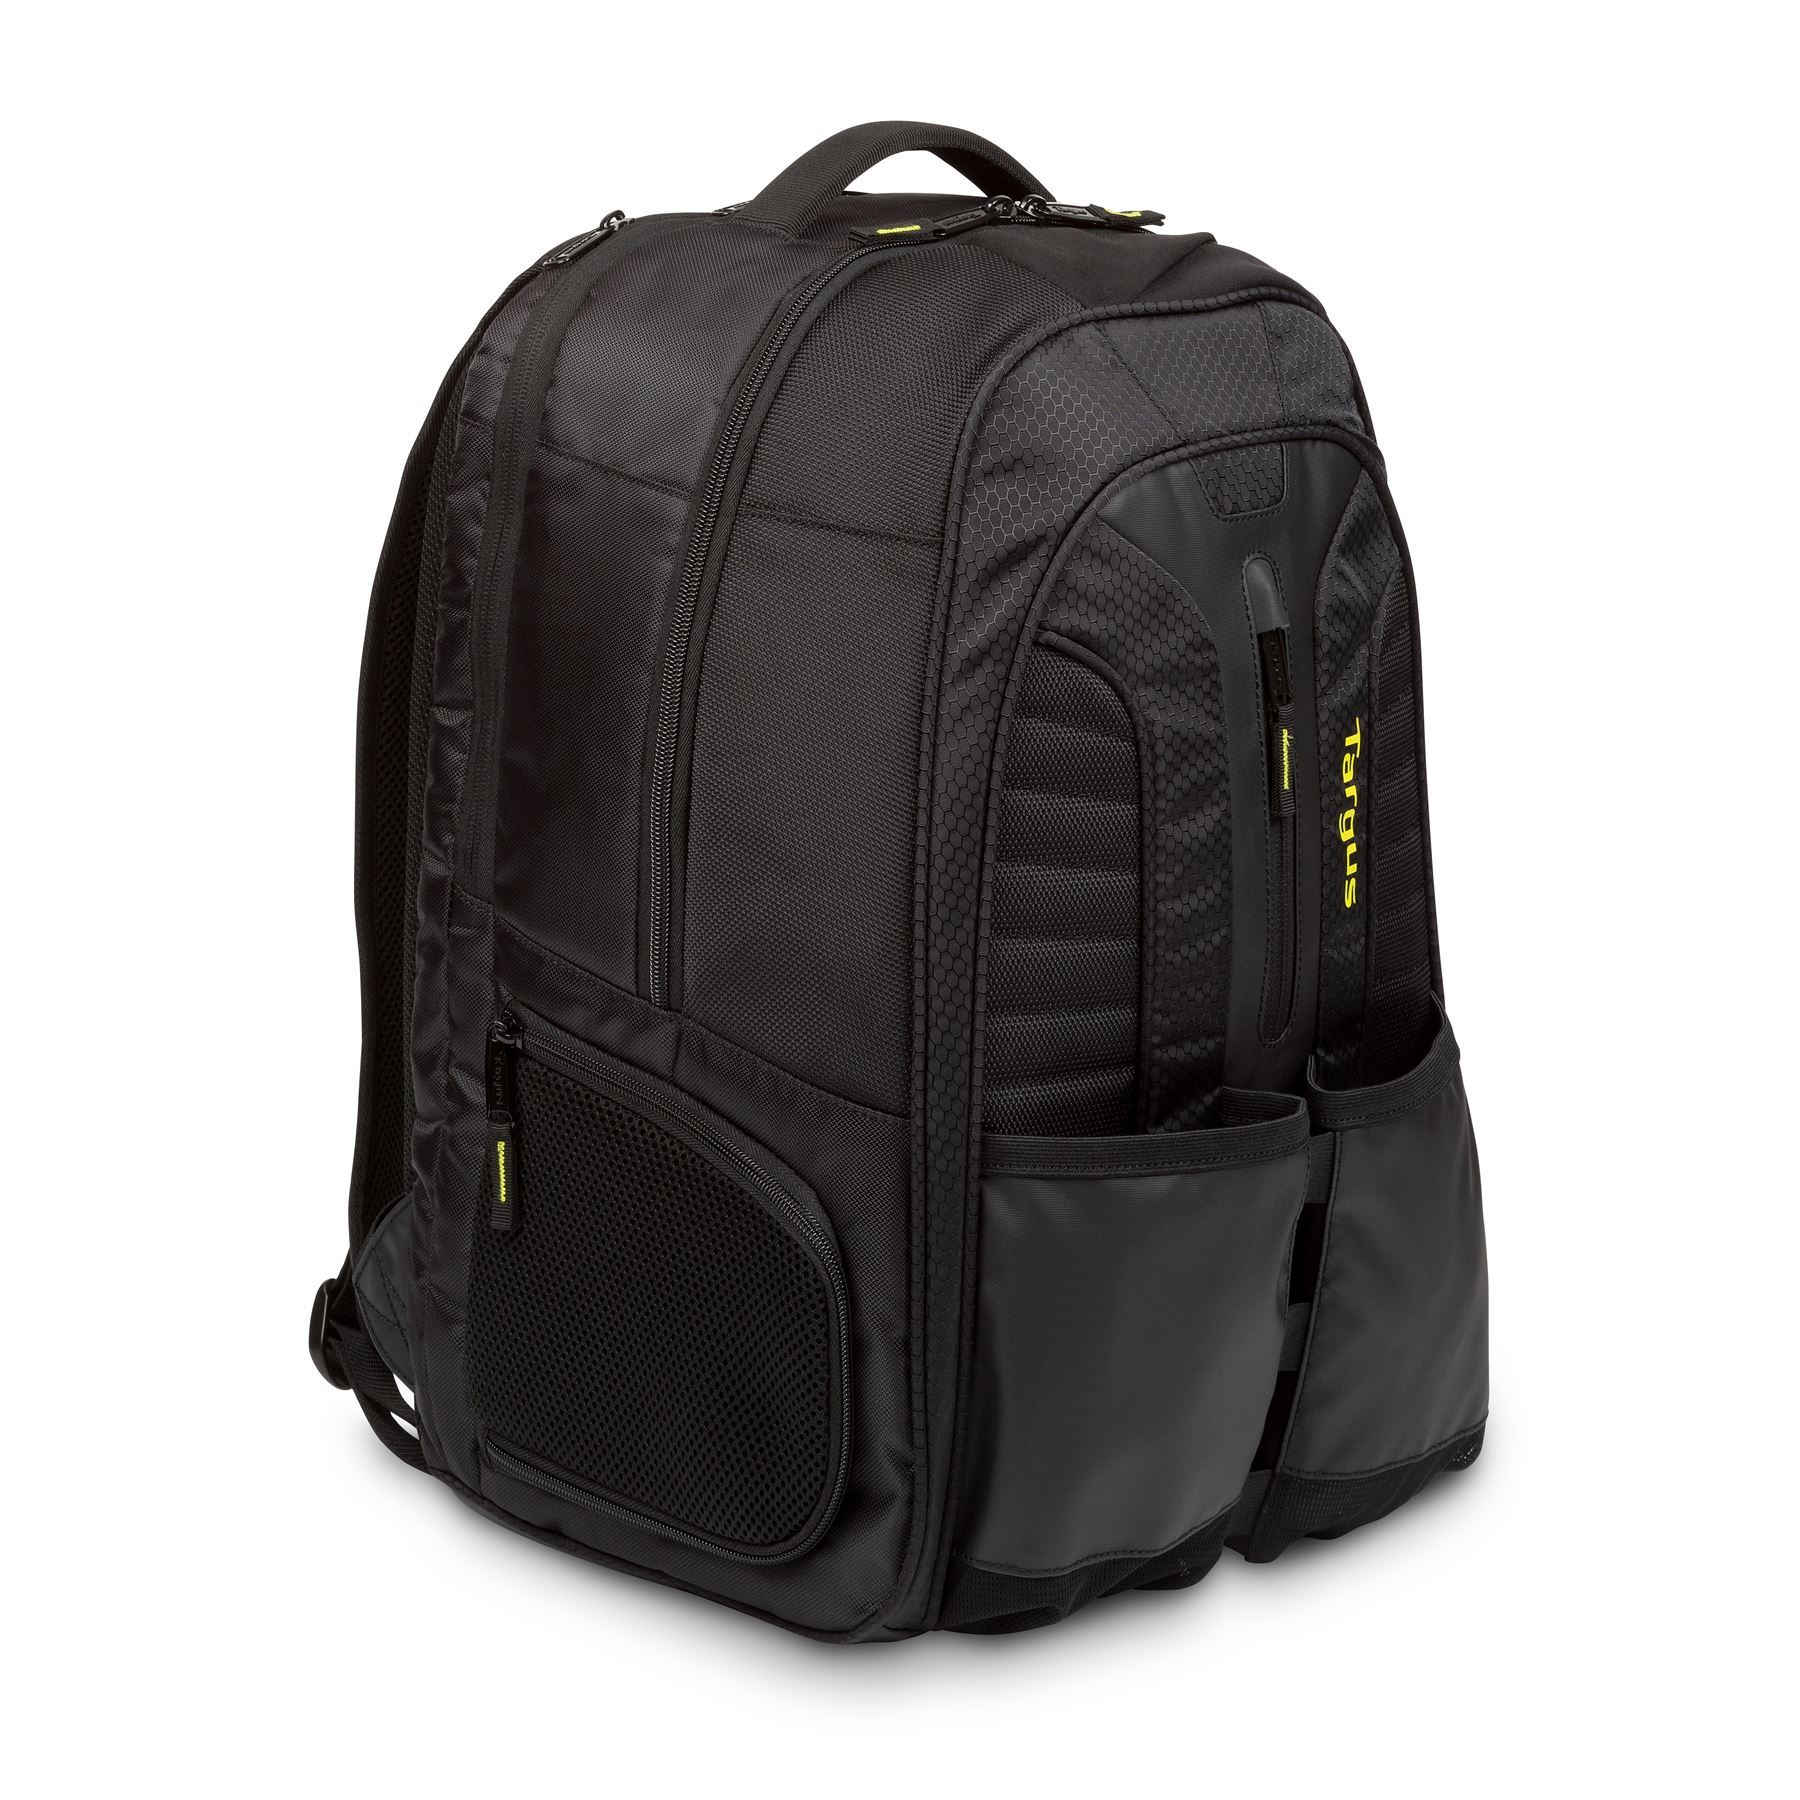 sac dos targus pour sports de raquettes et ordinateur portable 15 6 noir jaune. Black Bedroom Furniture Sets. Home Design Ideas